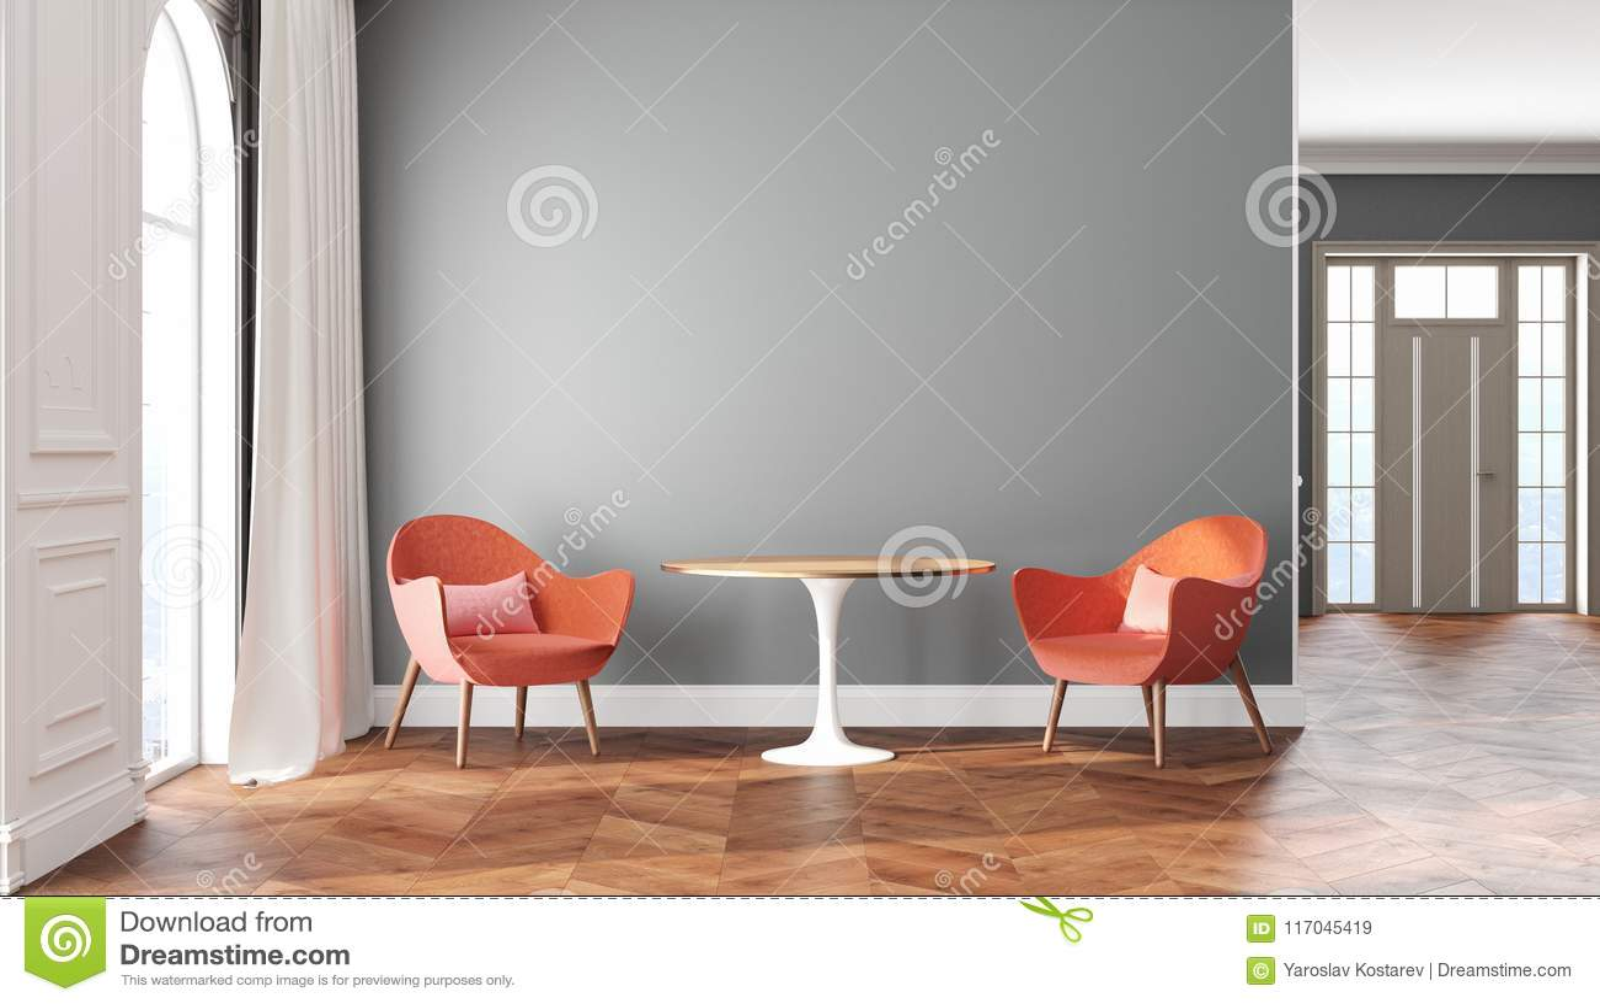 Intérieur scandinave de pièce vide avec les murs gris, le rouge, les fauteuils roses, la table, le rideau et la fenêtre